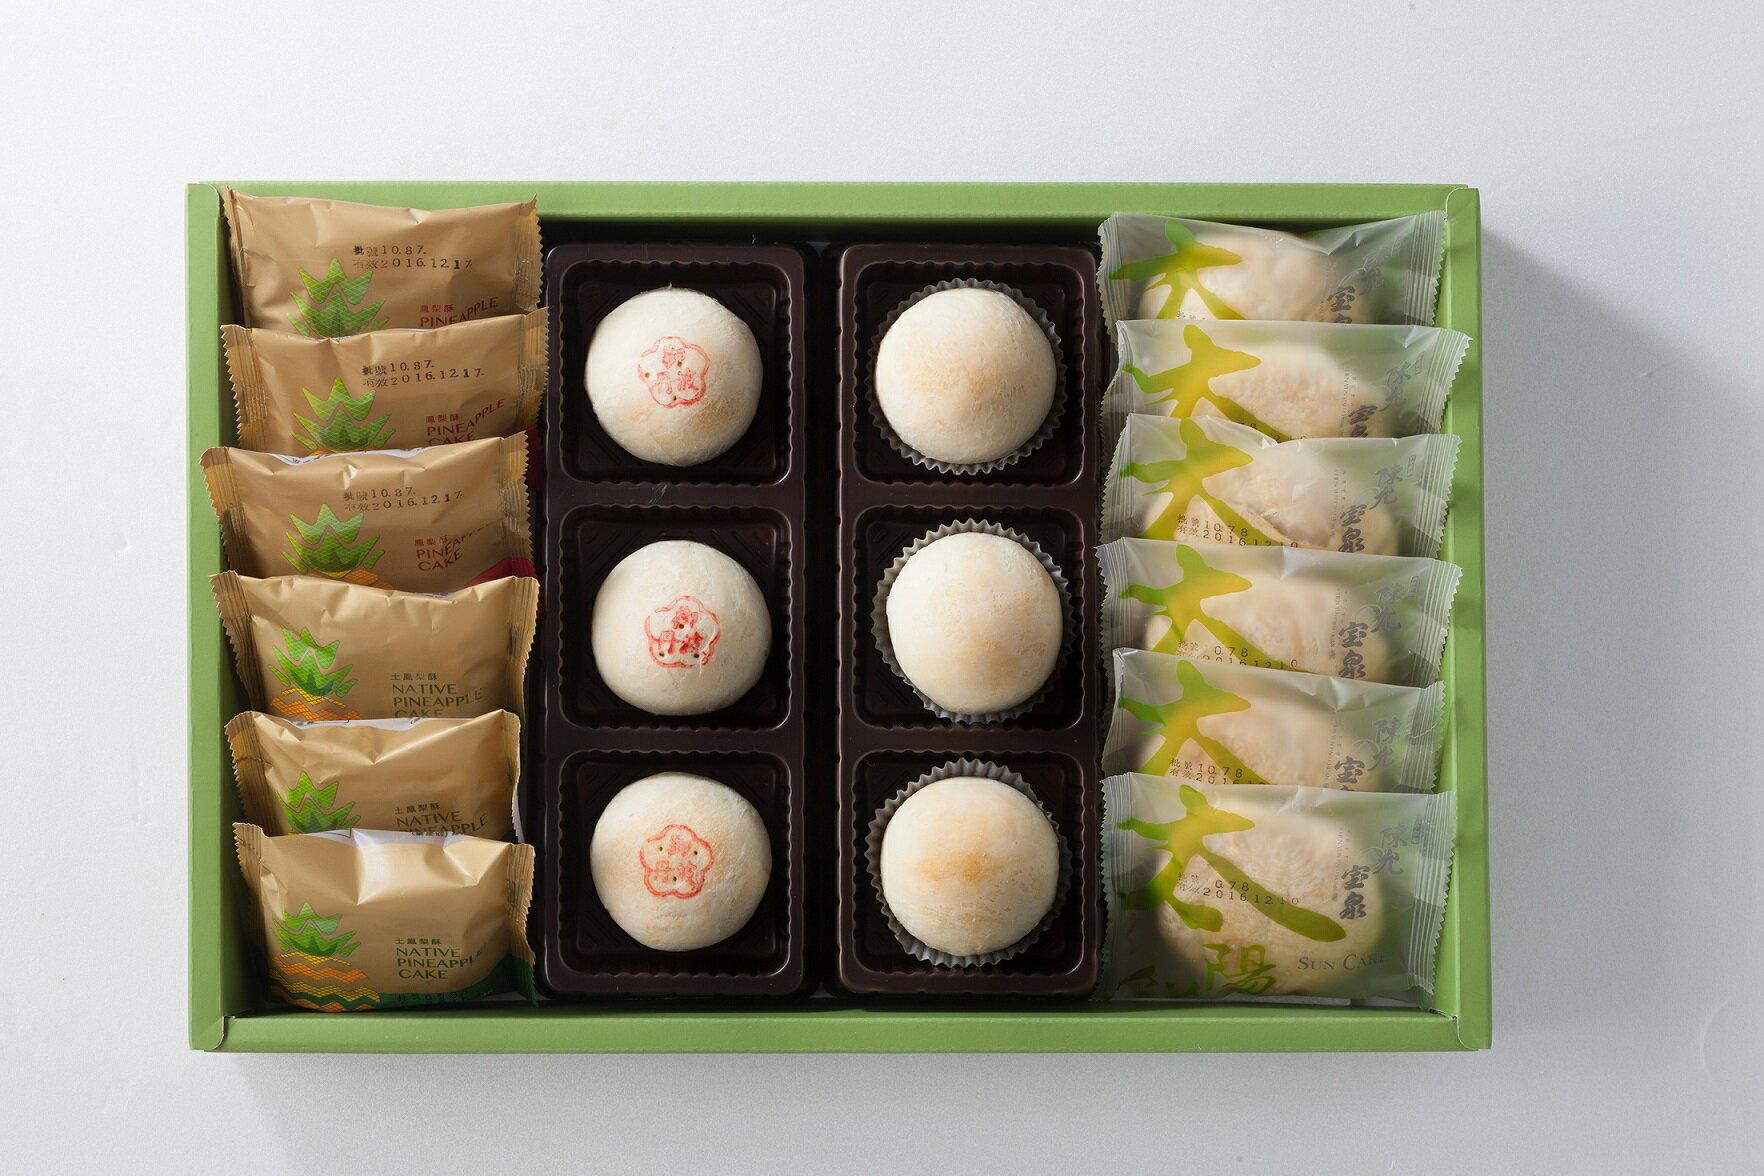 【台中伴手禮】經典禮盒18入 / 內有土鳳梨酥X3、原味鳳梨酥X3、御丹波X3、小月餅X3、小太陽餅X6,所有經典口味,一次擁有~ 5